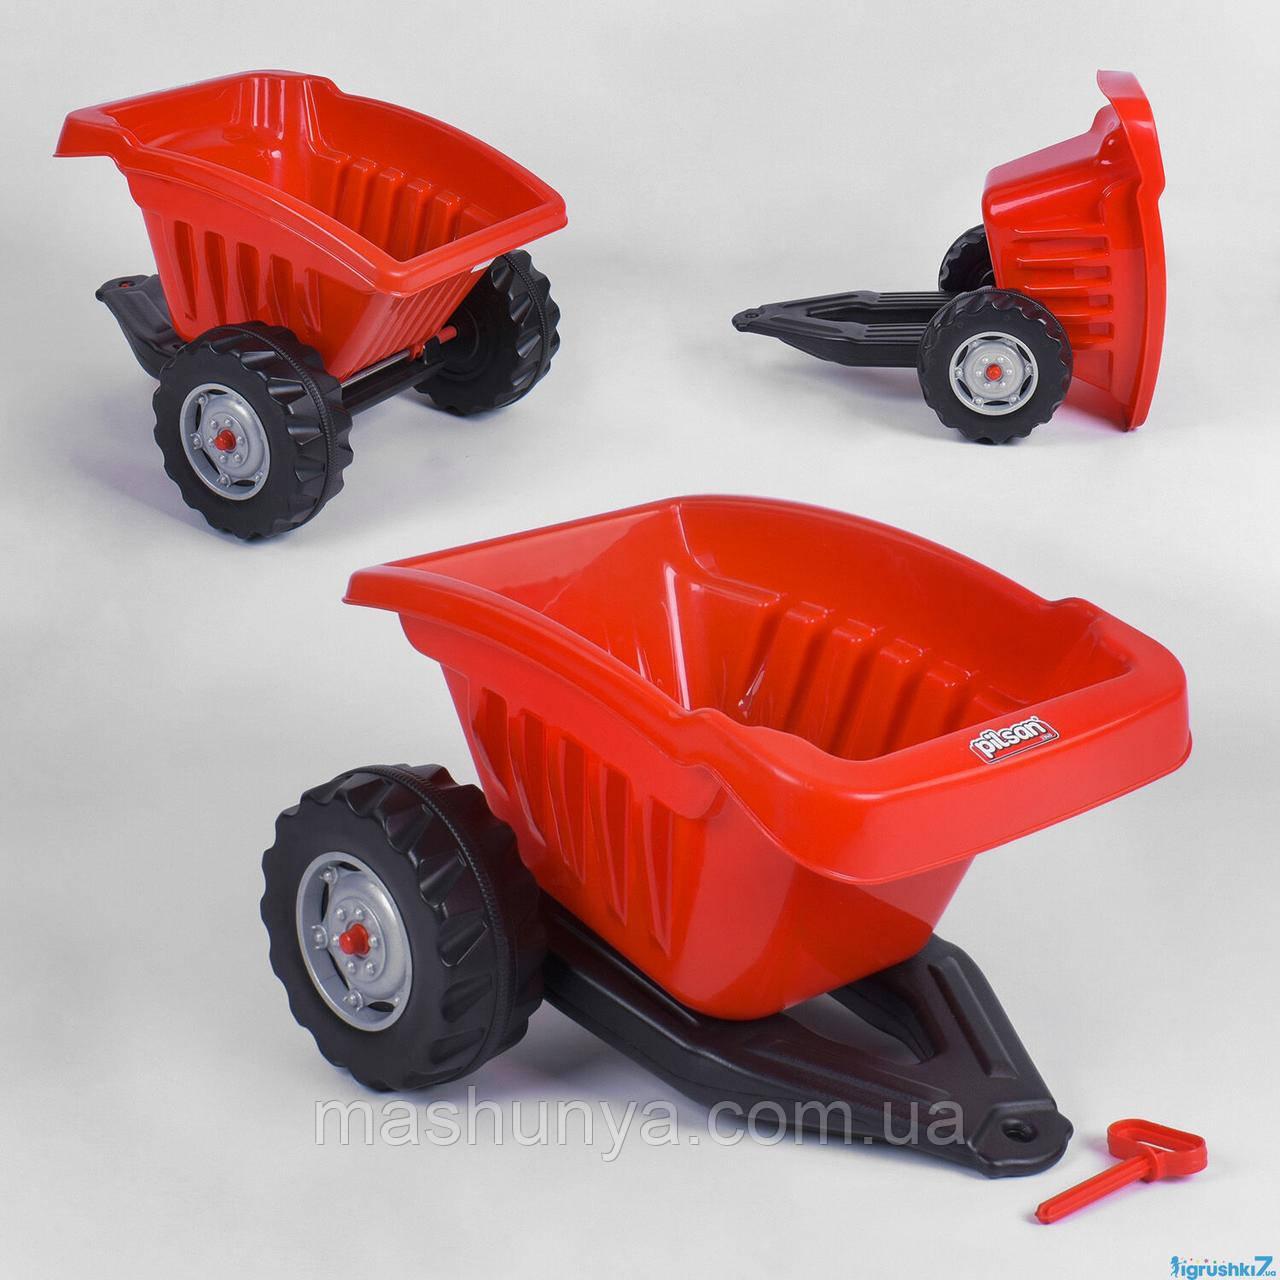 Прицеп к трактору педальному Pilsan Trailer 07-317